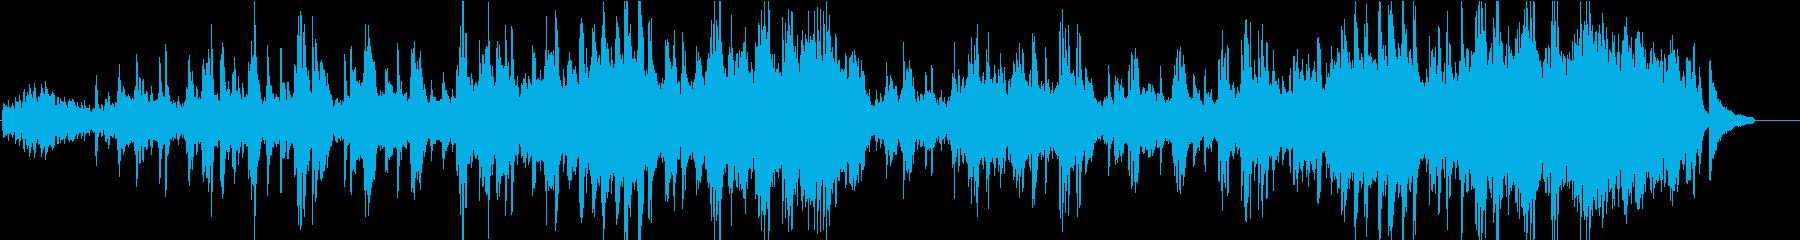 ピアニストが弾く人気曲「アヴェ・マリア」の再生済みの波形